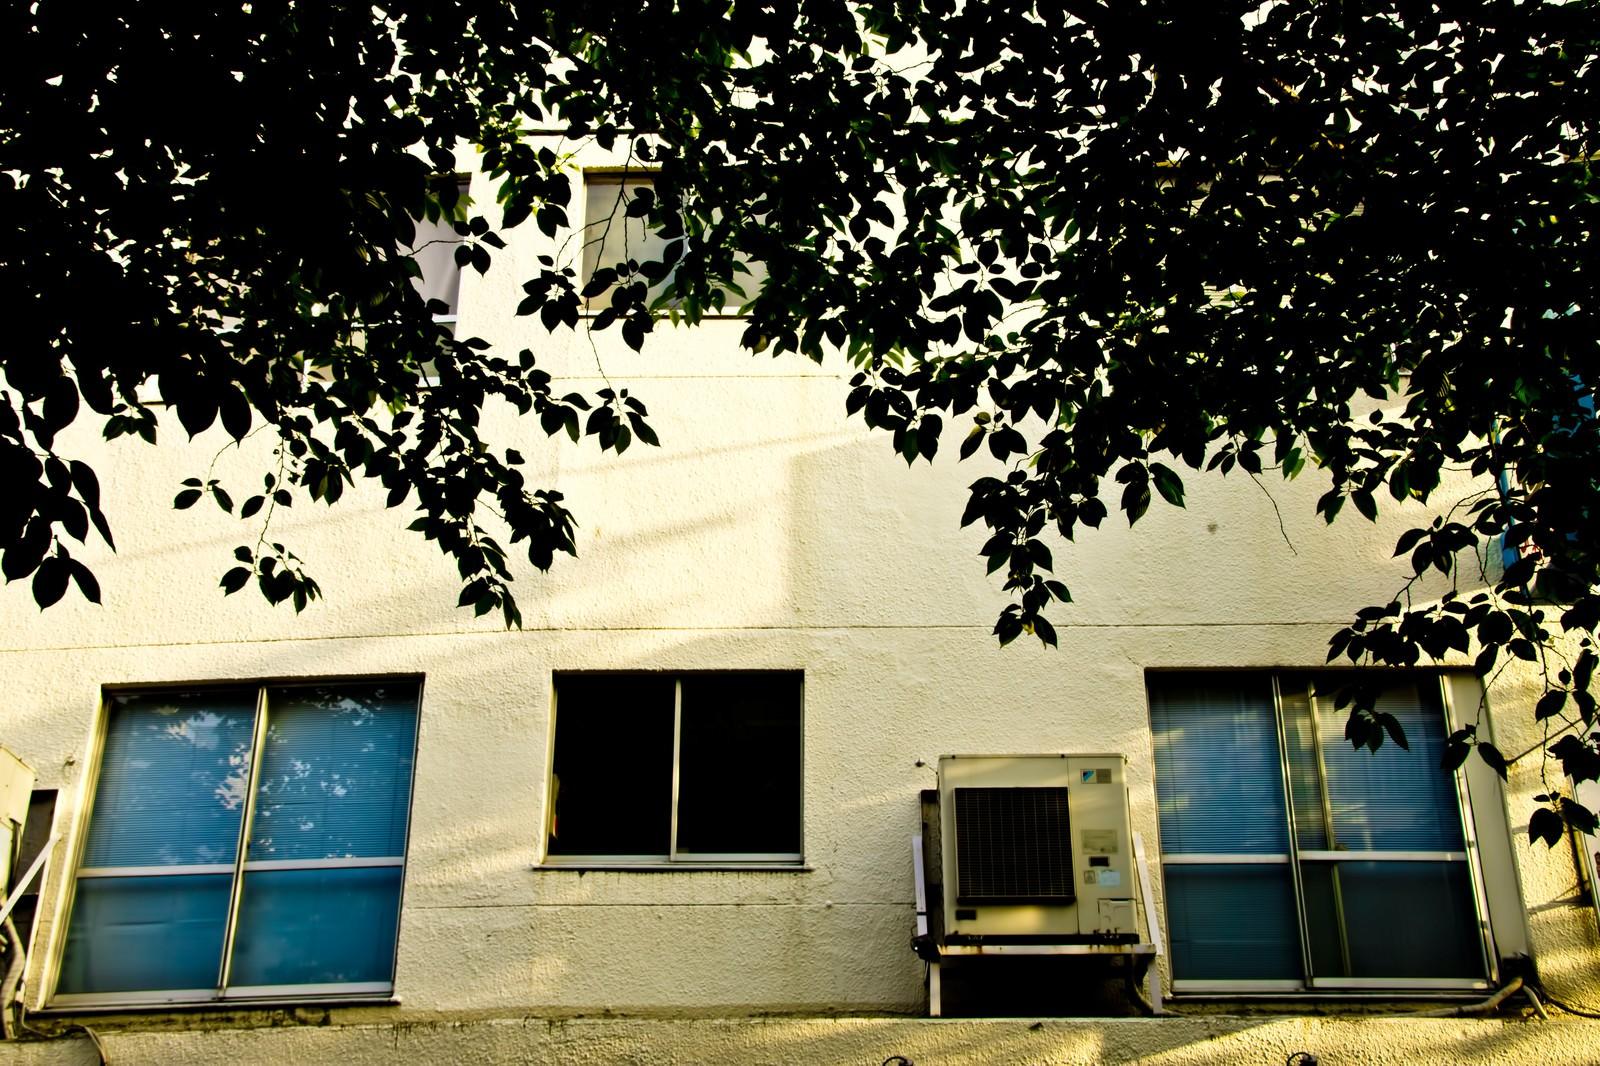 「夕暮れの校舎裏 | 写真の無料素材・フリー素材 - ぱくたそ」の写真